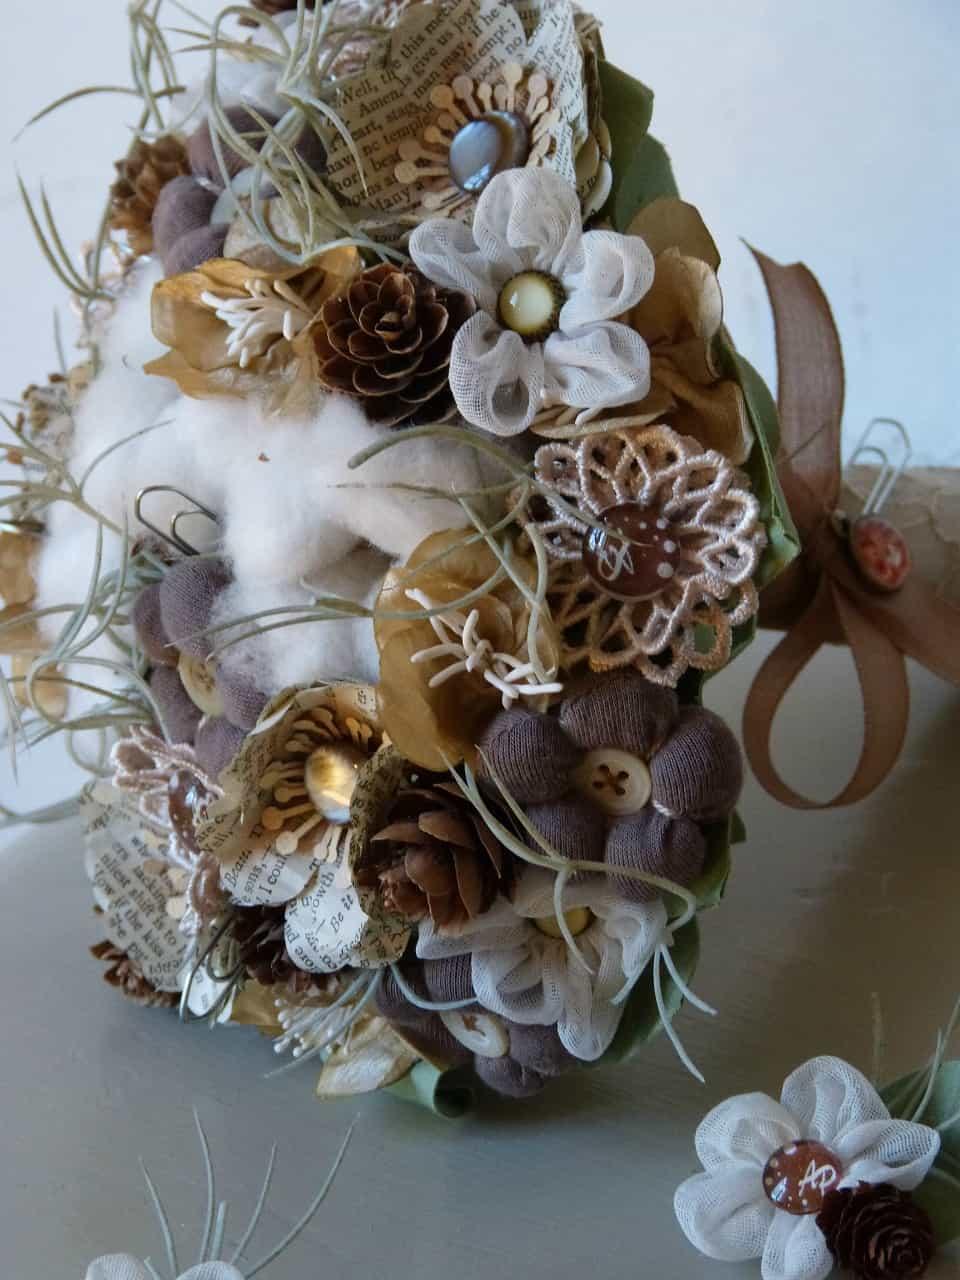 عروس عيون مصر2019_الرئيسيةالأعراسللعروس: اكتشفي أجمل